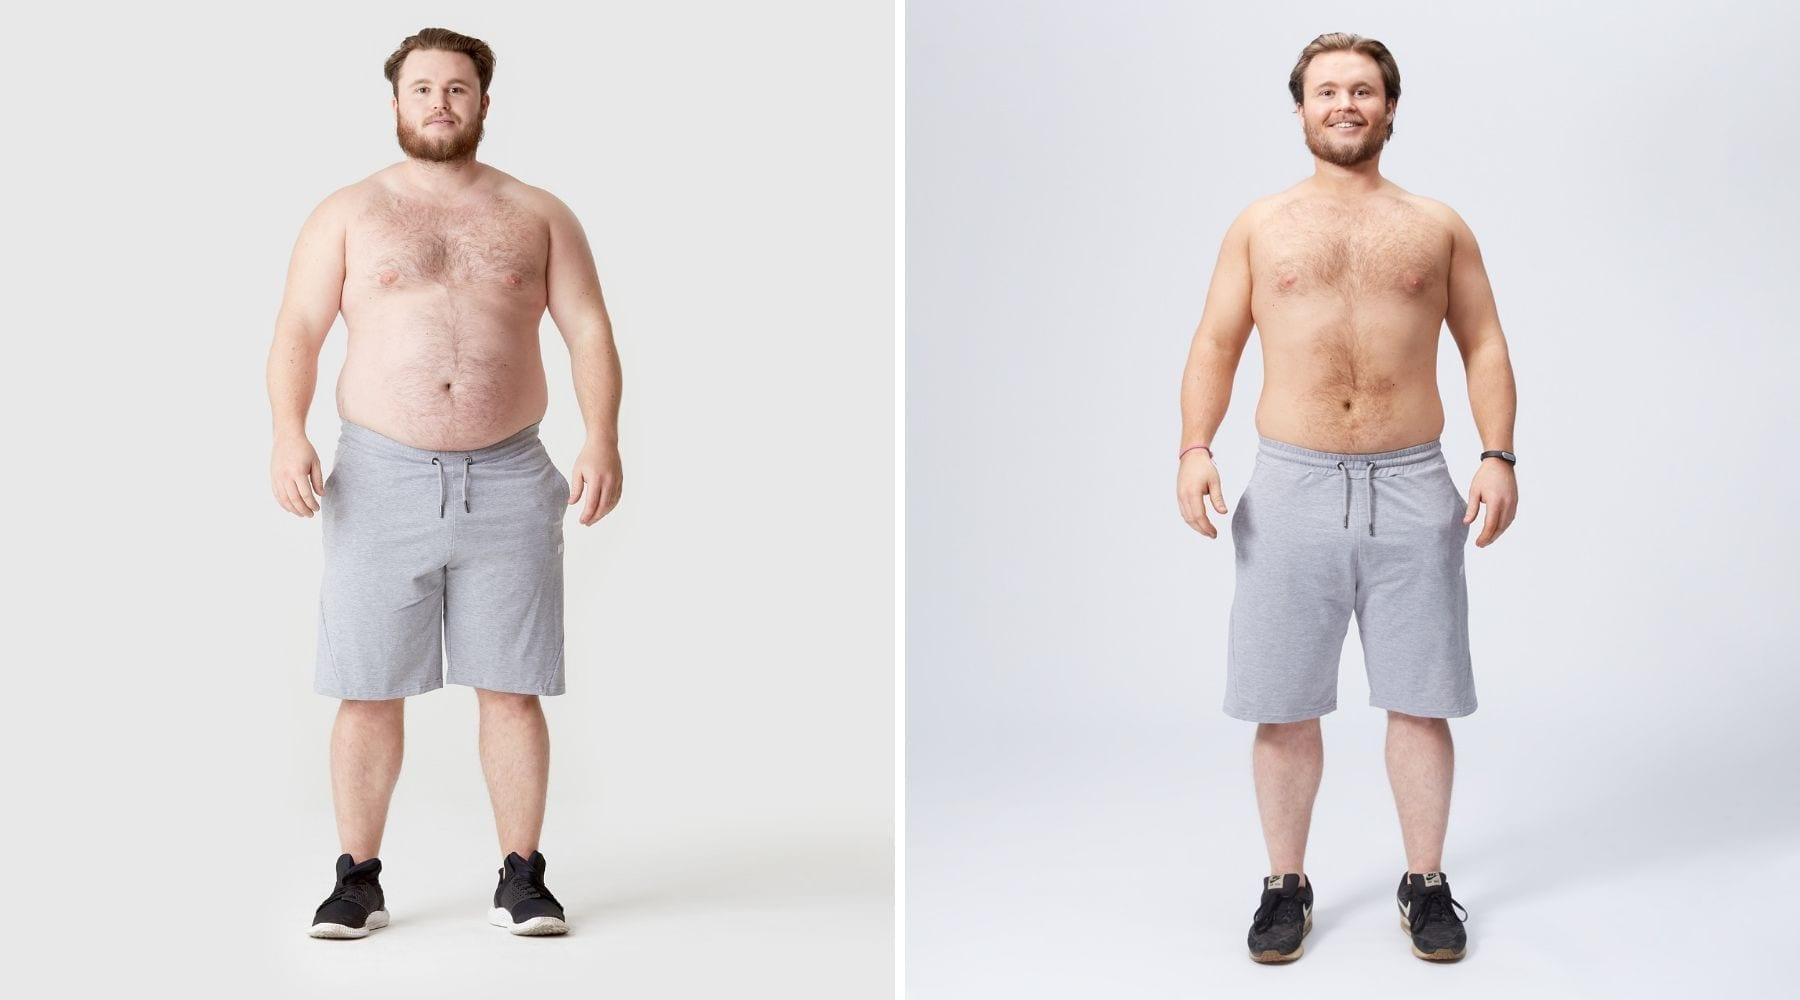 nu a pierdut nicio greutate prima săptămână